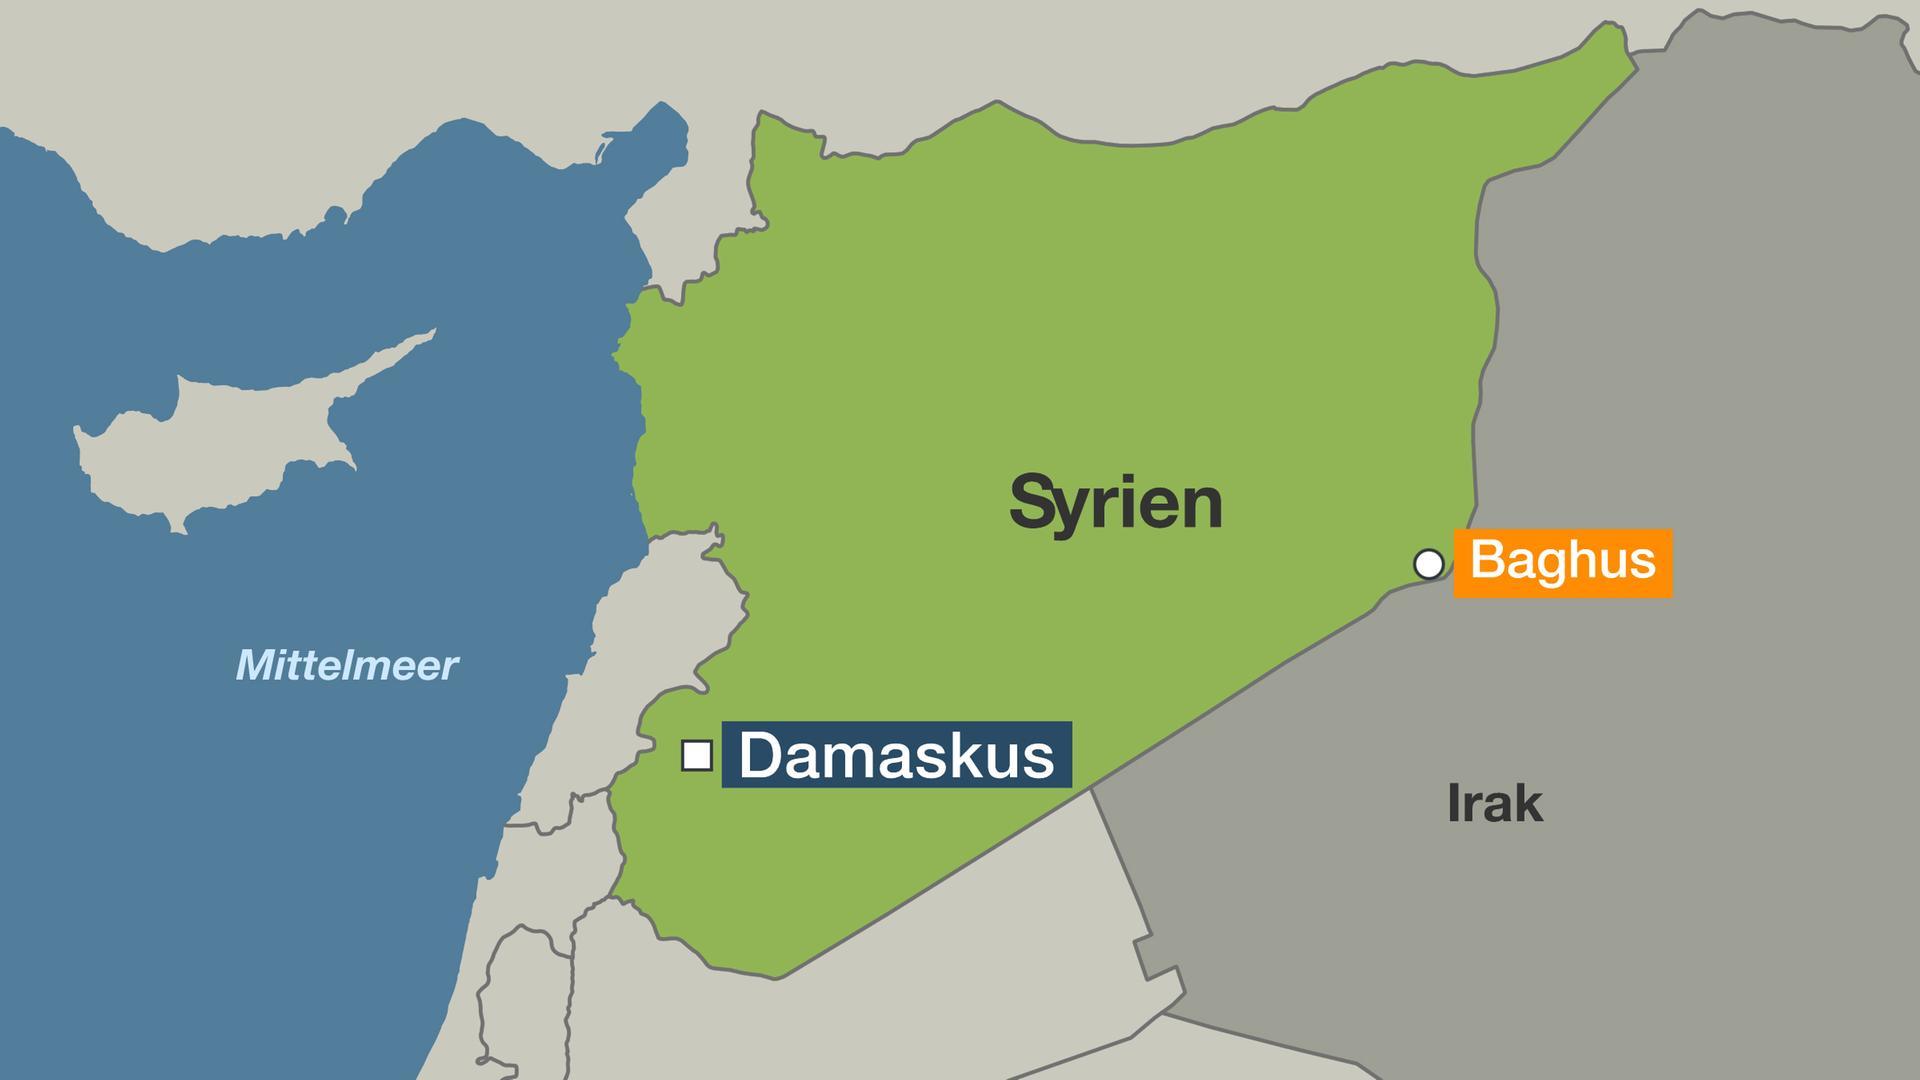 Karte Syrien Irak.Syrische Demokratische Krafte Letzte Is Bastion Baghus In